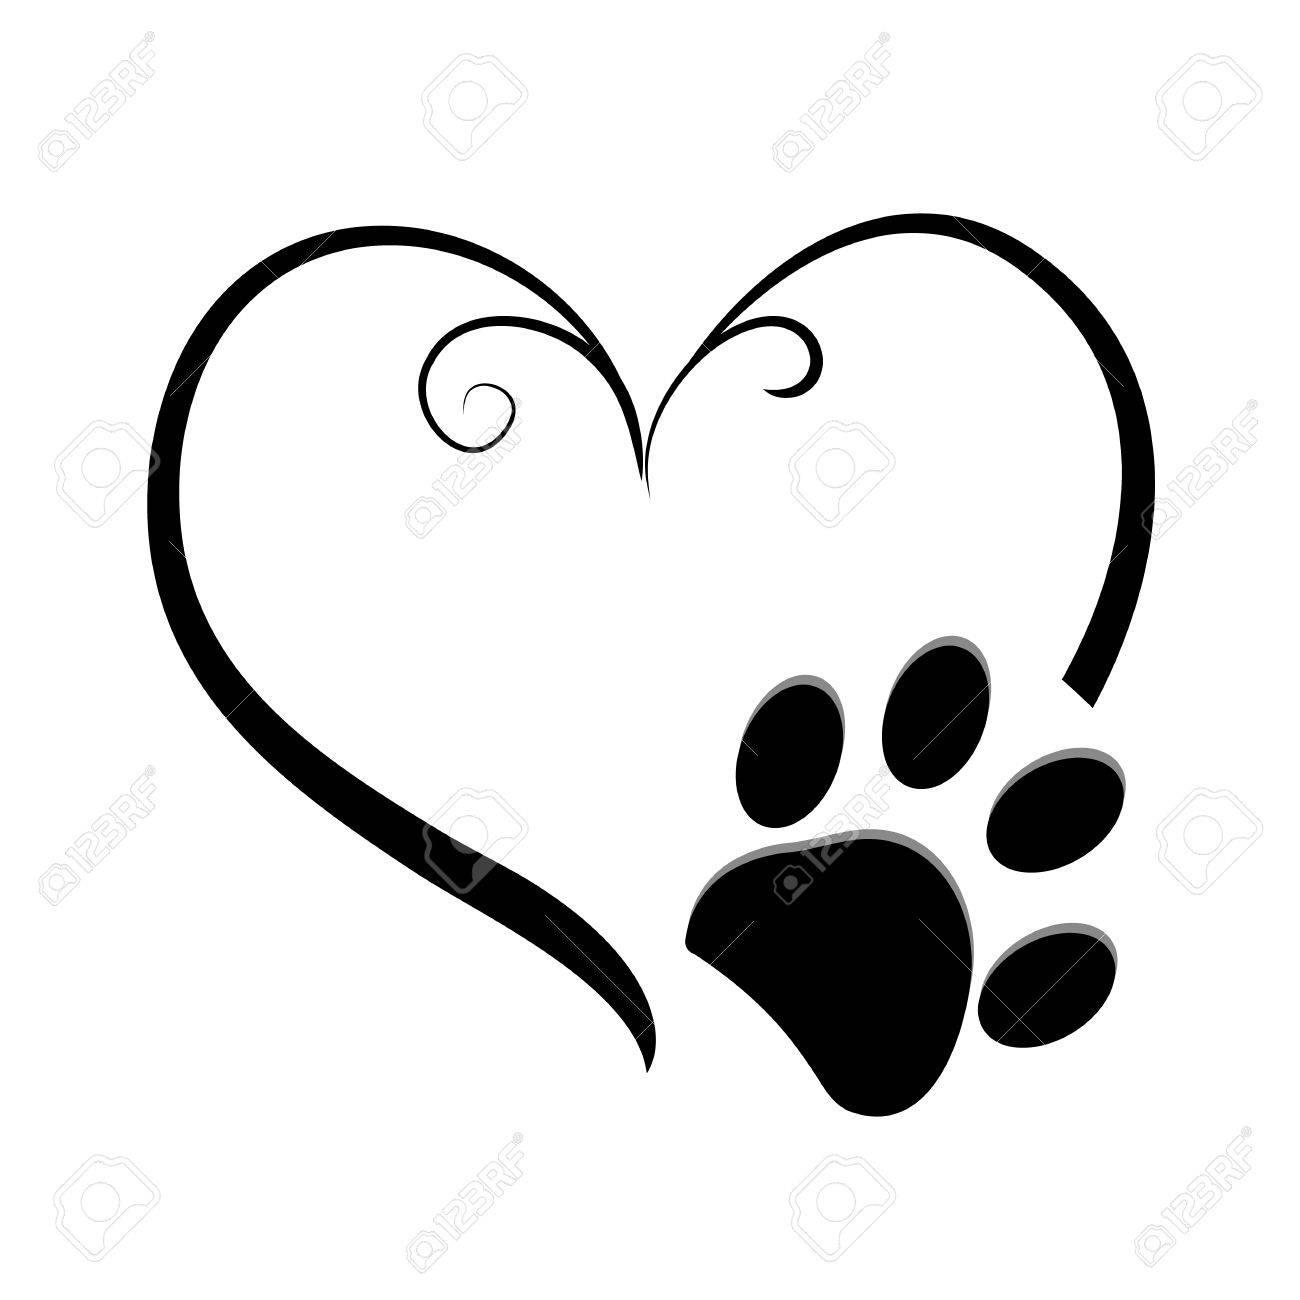 Huellas De Perro Con El Símbolo Del Corazón Diseño Del Tatuaje La Ilustración Vectorial Ilustraciones Vectoriales Clip Art Vectorizado Libre De Derechos Image 66080214